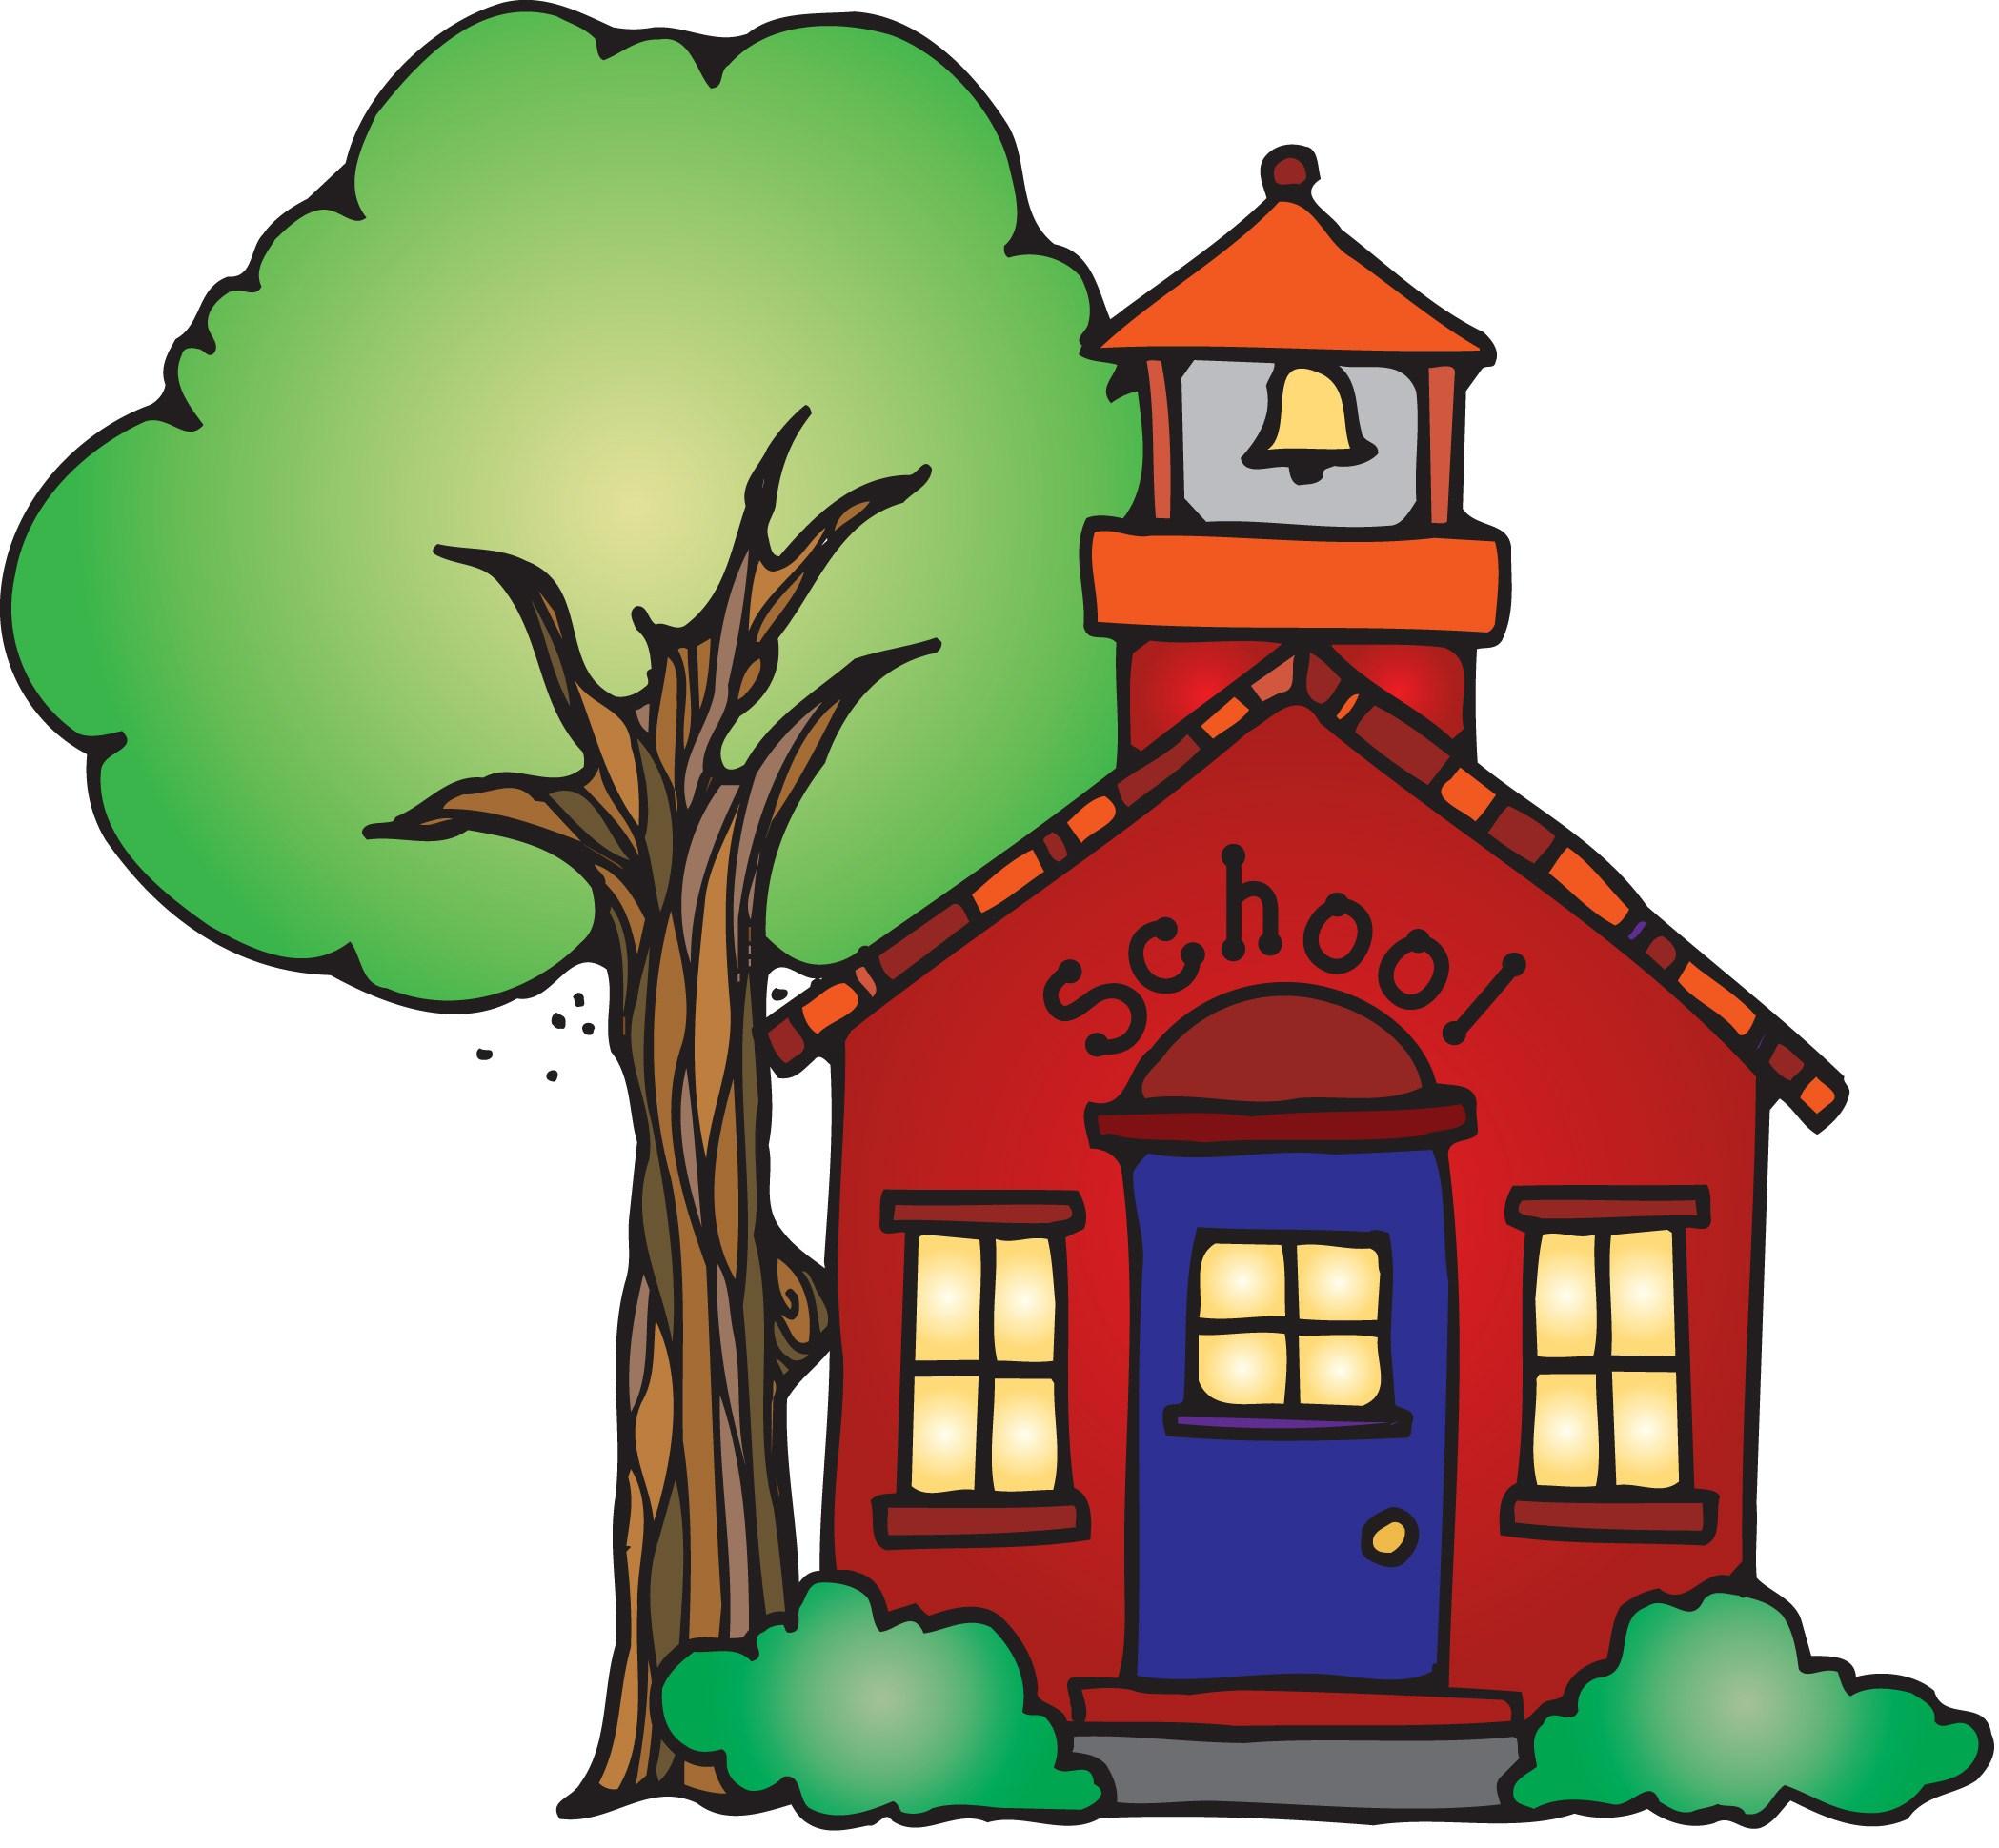 Image of school building